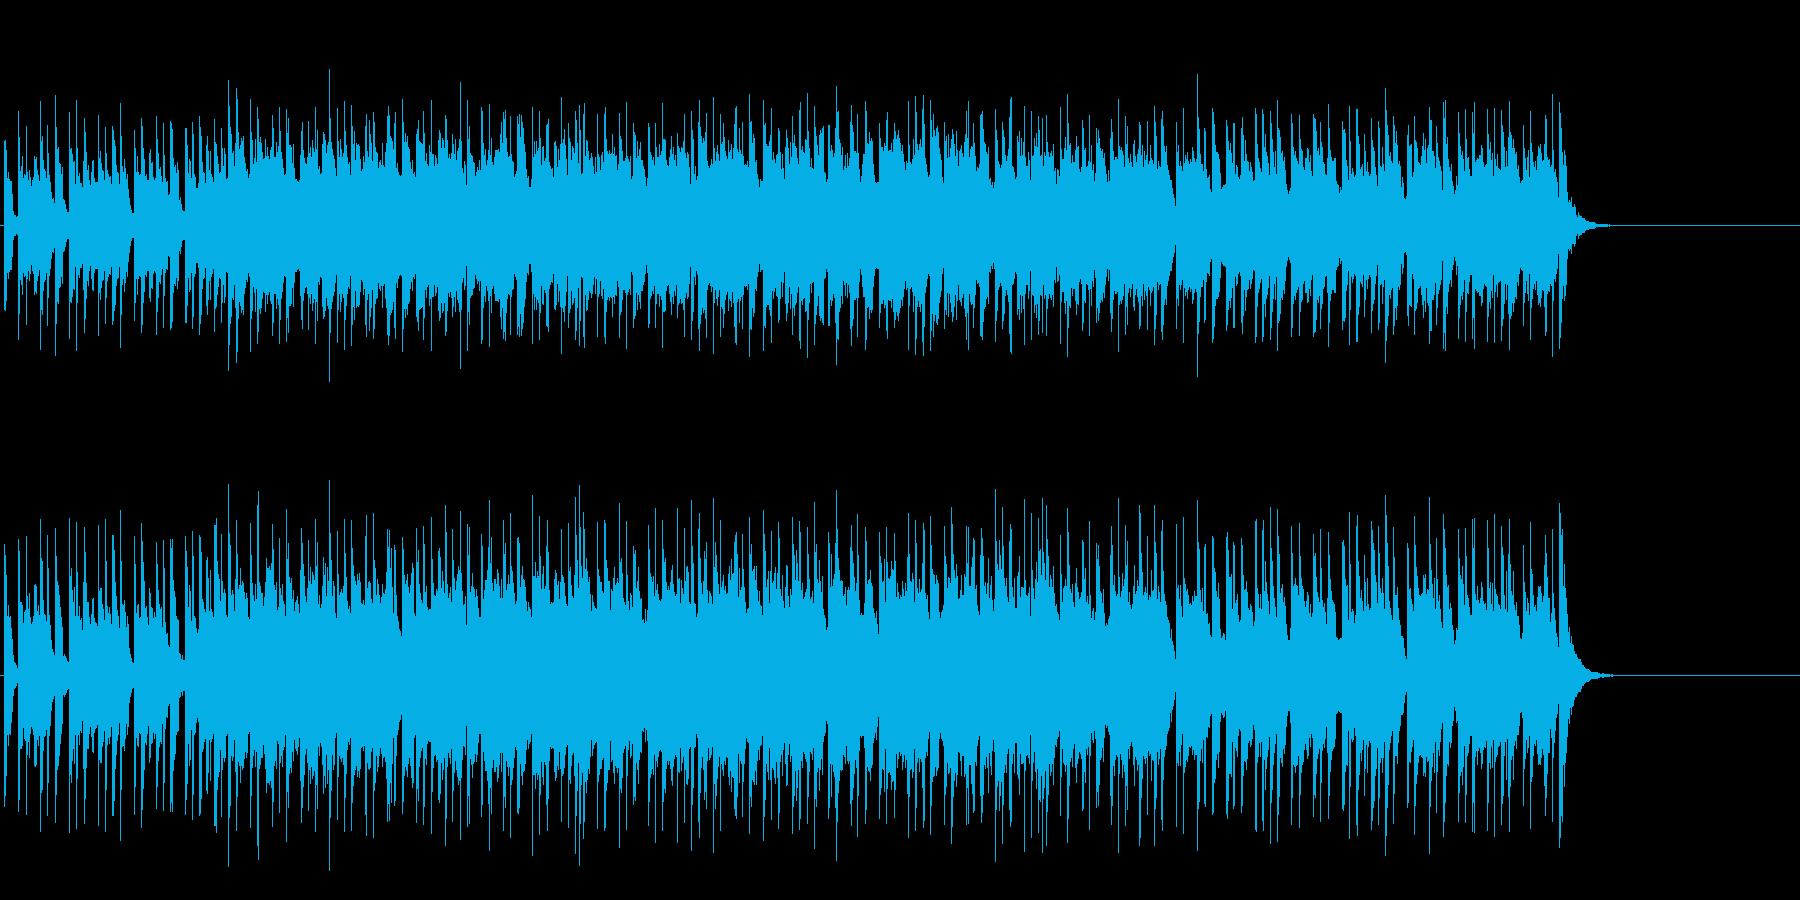 エレクトリック・まろやかなポップスの再生済みの波形